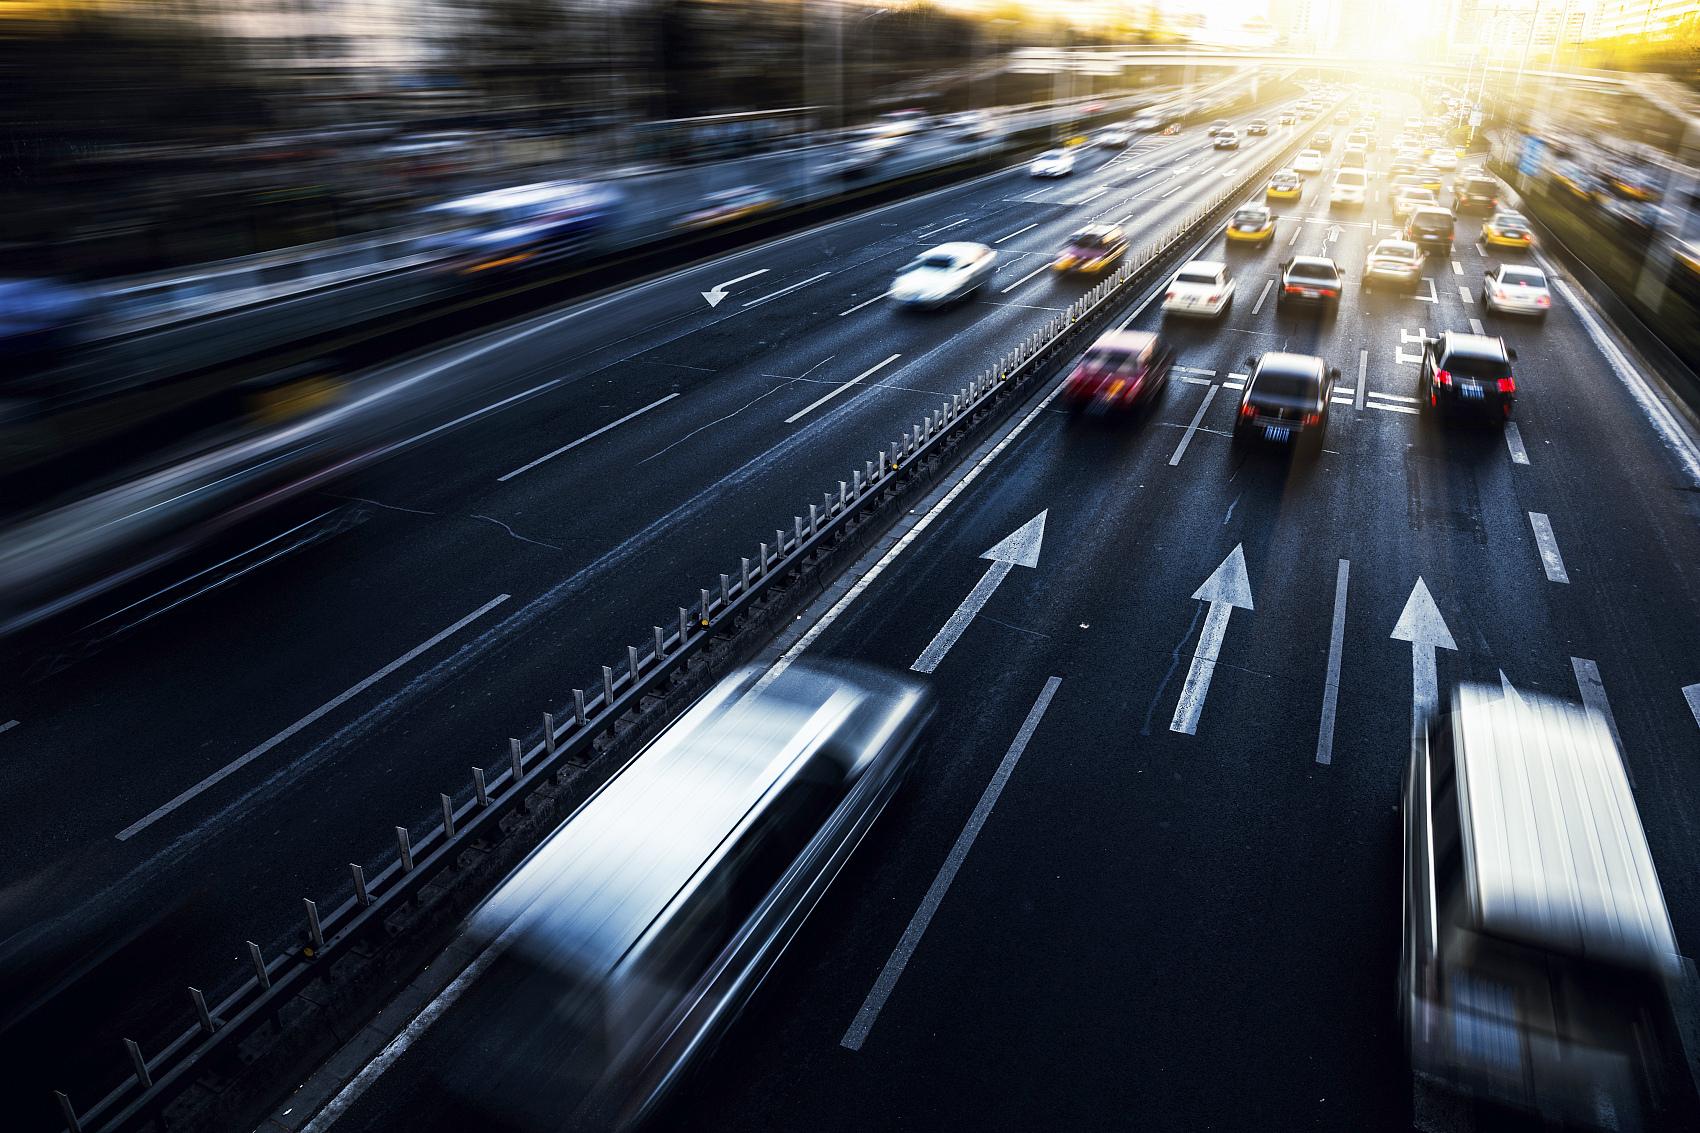 中国汽车市场迎来开门红 未来车市利好因素增加